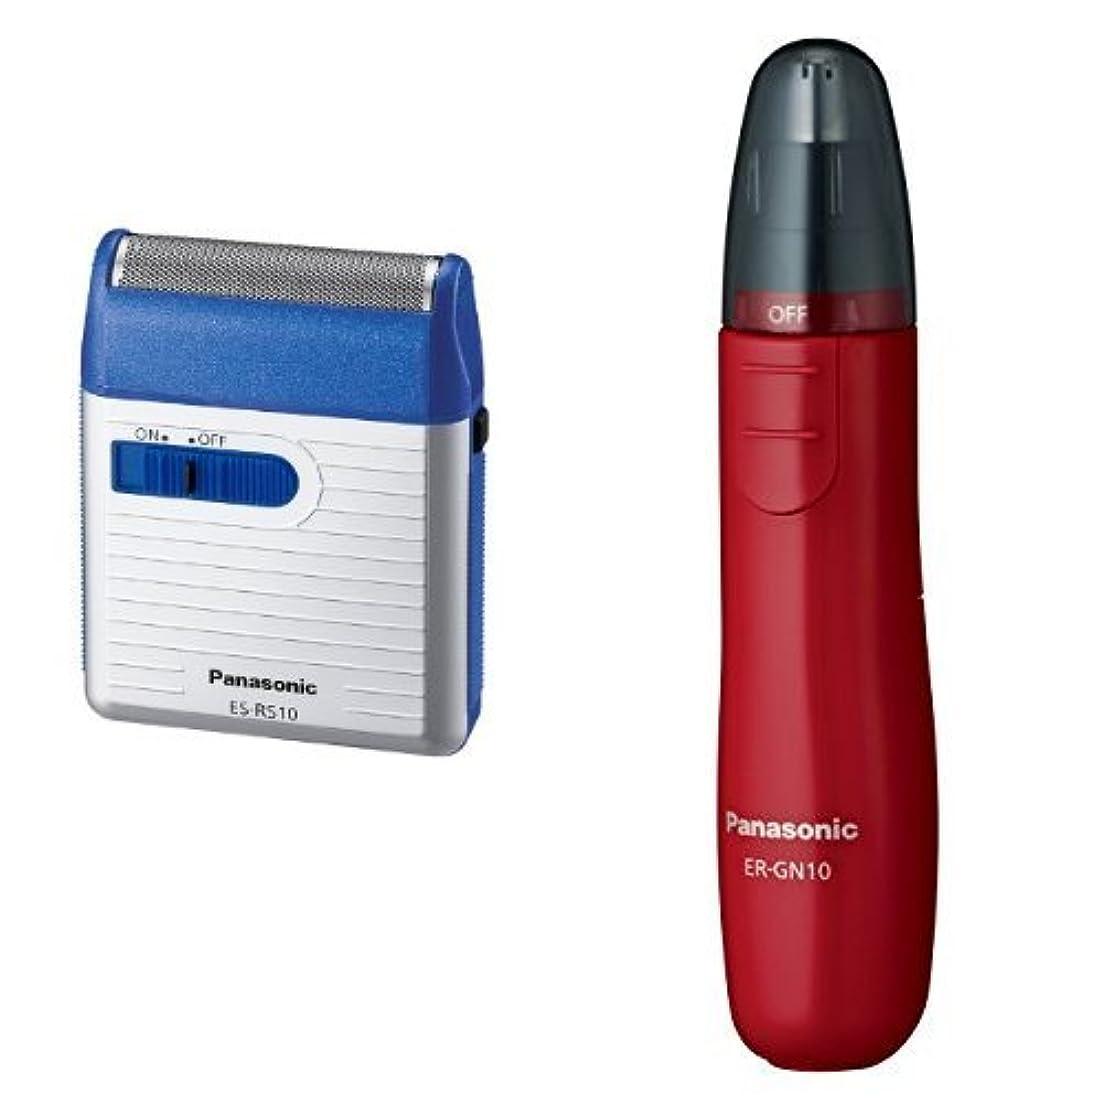 夕暮れ呪い引き受けるパナソニック メンズシェーバー 1枚刃 青 ES-RS10-A + エチケットカッター 赤 ER-GN10-R セット